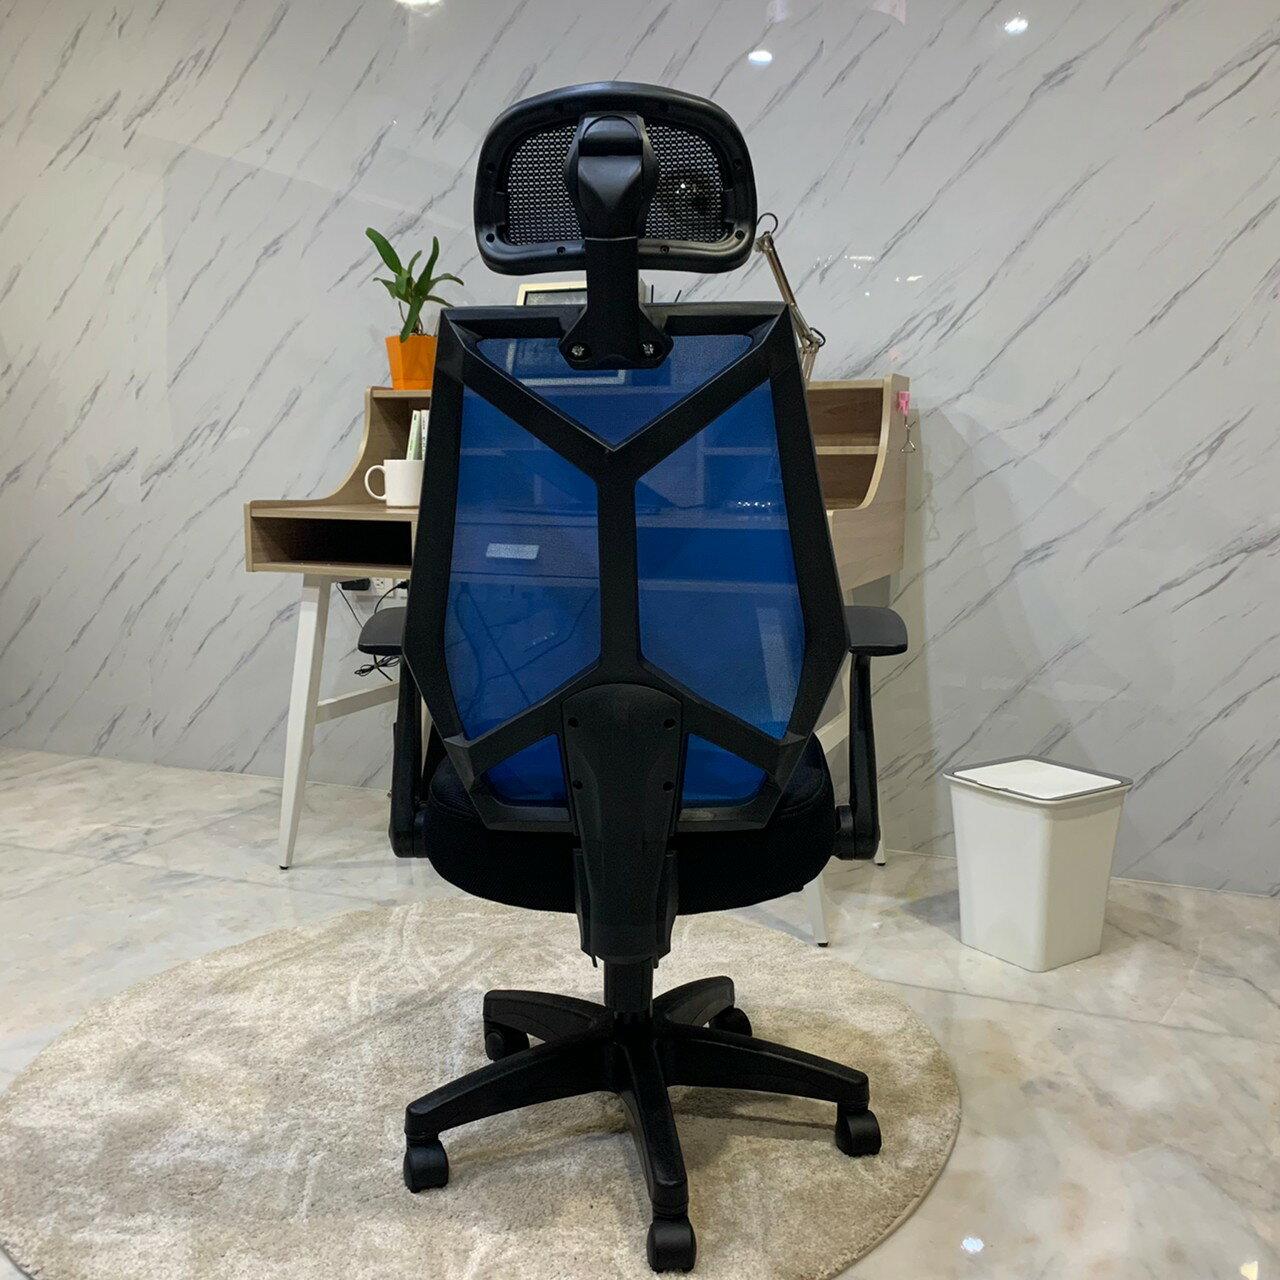 辦公椅/電腦椅/未來科技幾何形包覆坐墊椅(藍色)|台灣製造|新創奇|